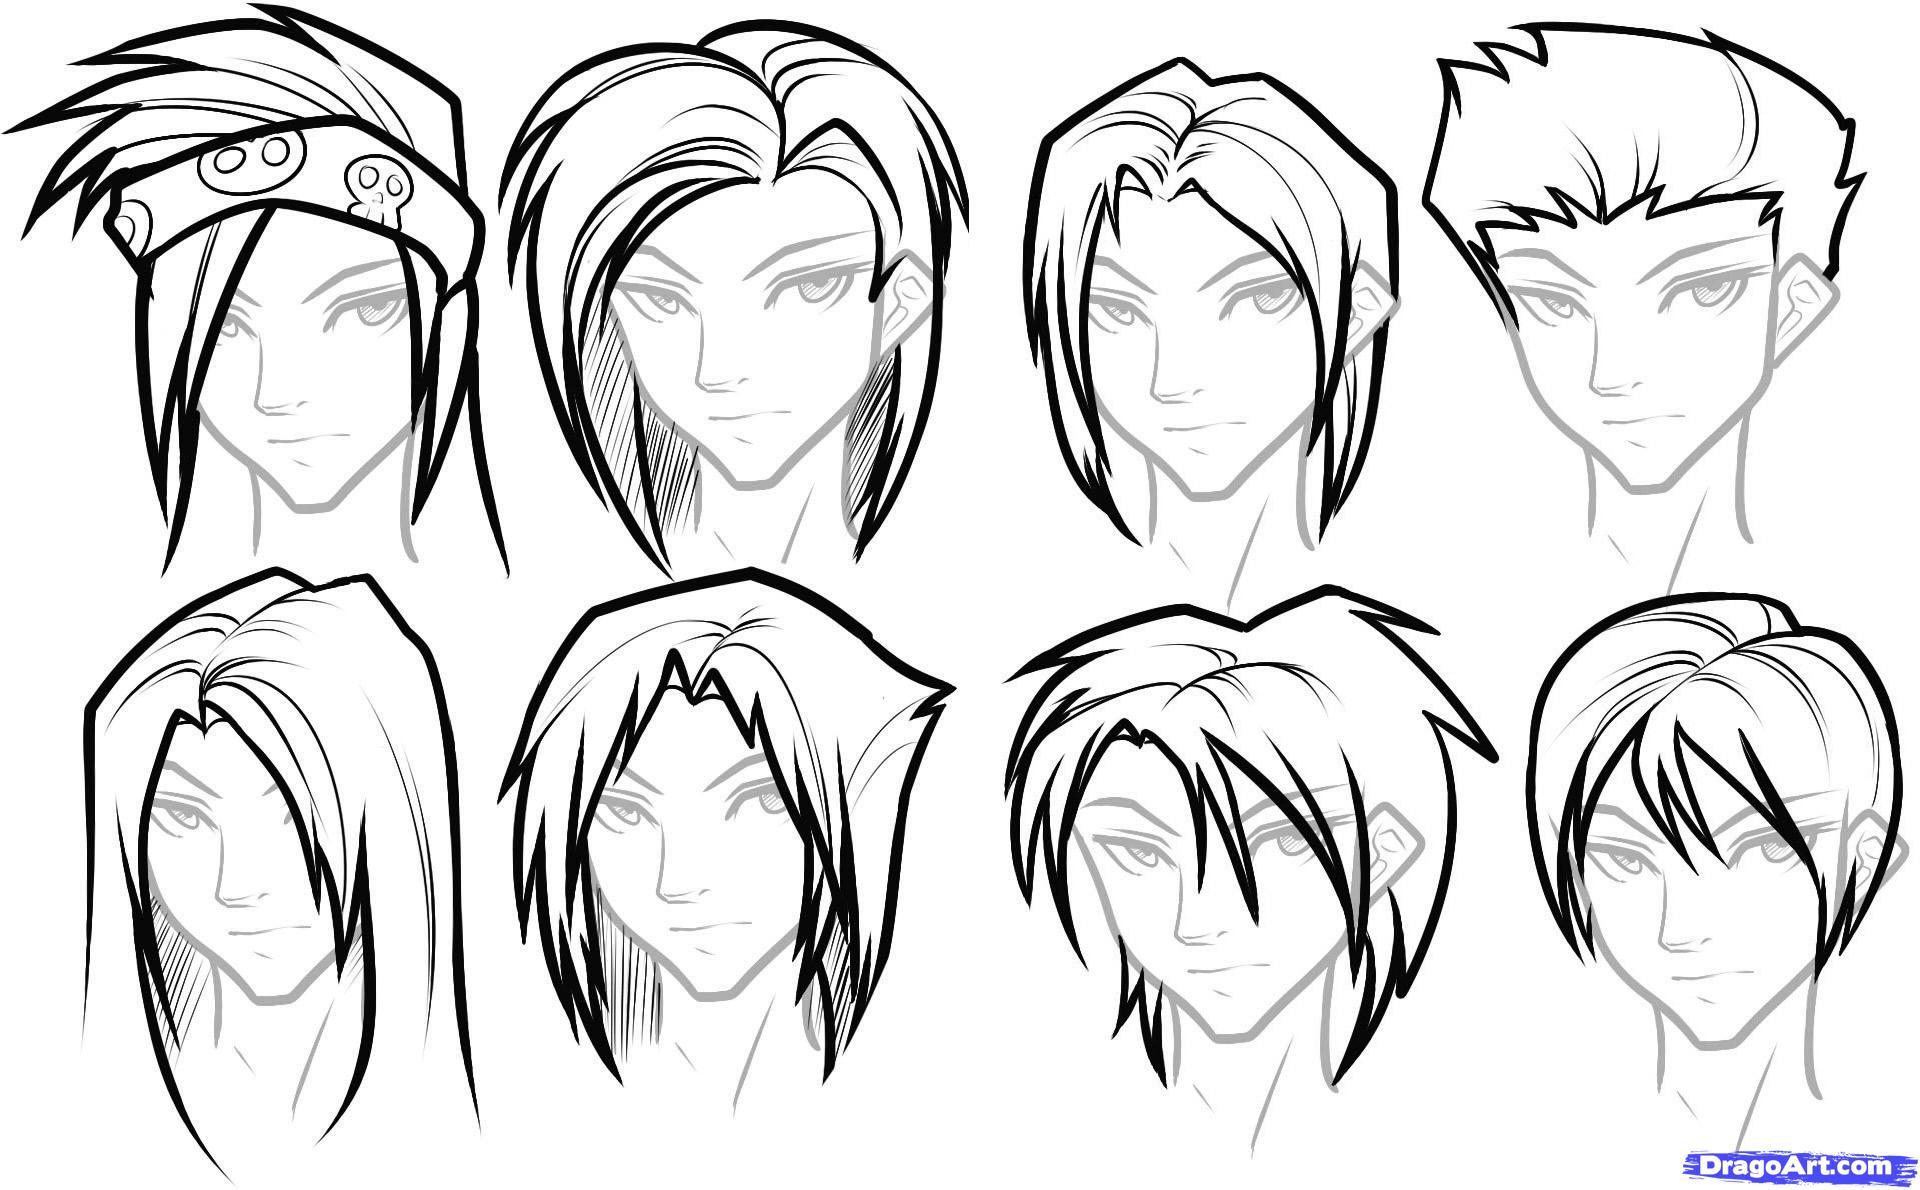 1920x1190 Anime Guy Hairstyles Drawing Drawn Manga Anime Boy Hair